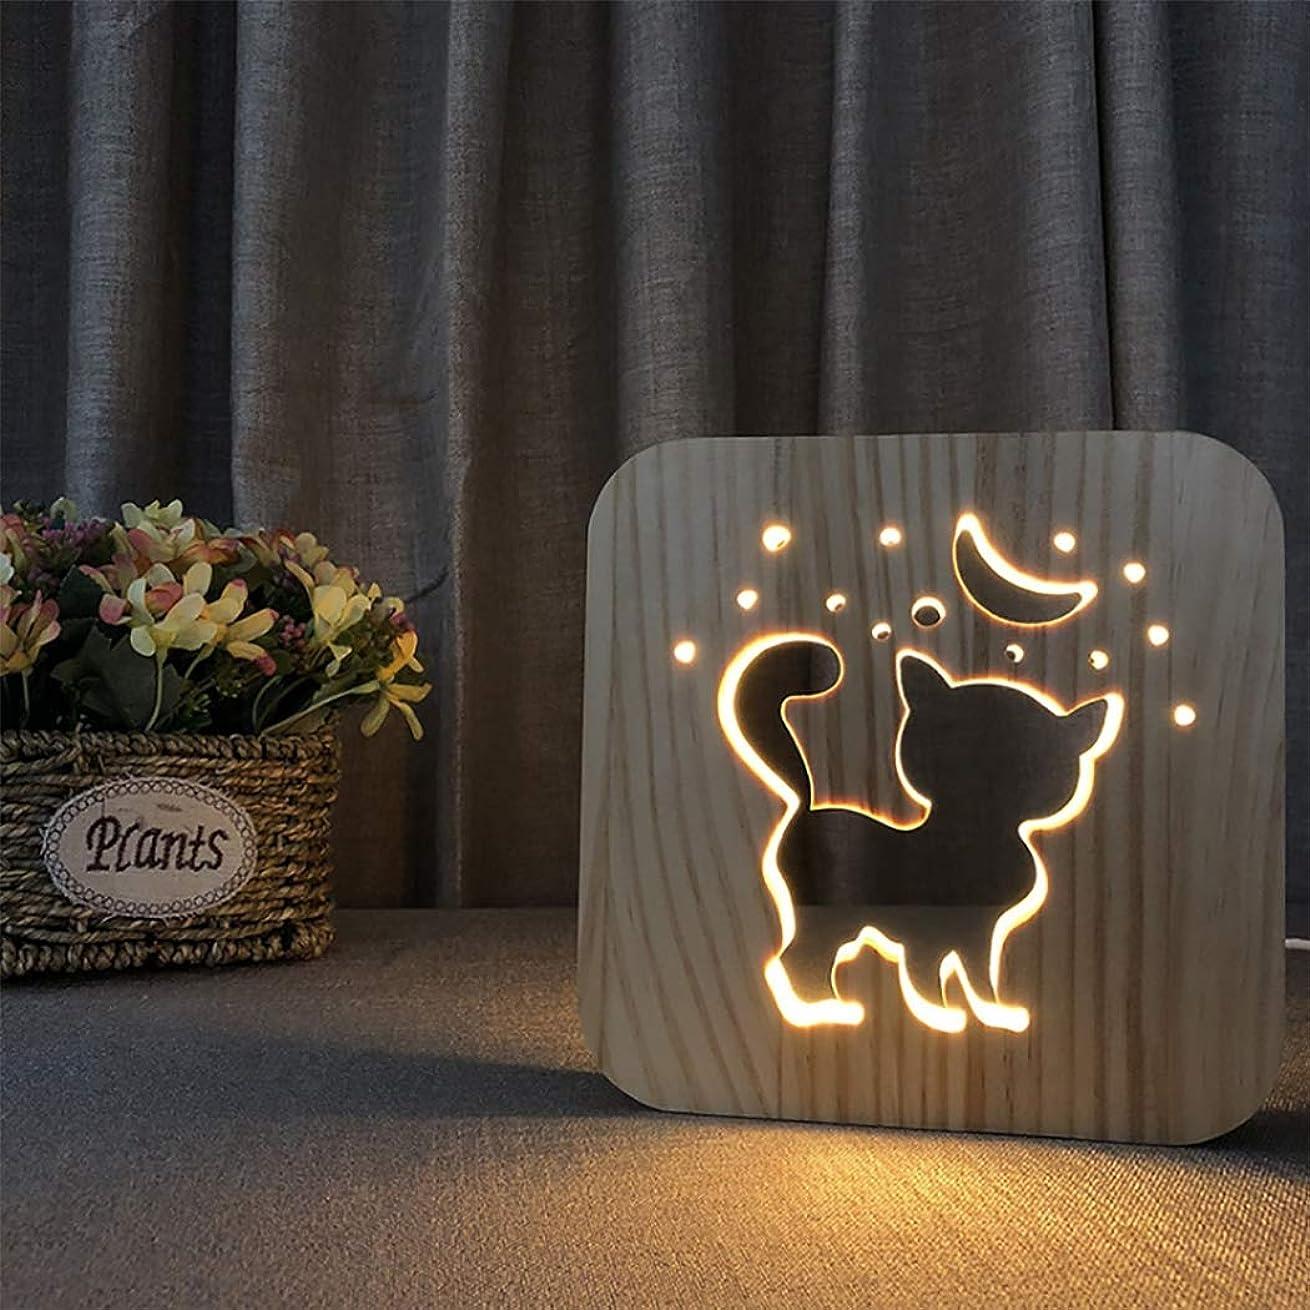 野生関与するセールスマンLedテーブルランプ、3d木製ランプusb充電猫漫画ナイトライトホームベッドルームの装飾ランプの横に、子供のためのギフト大人の女の子男の子